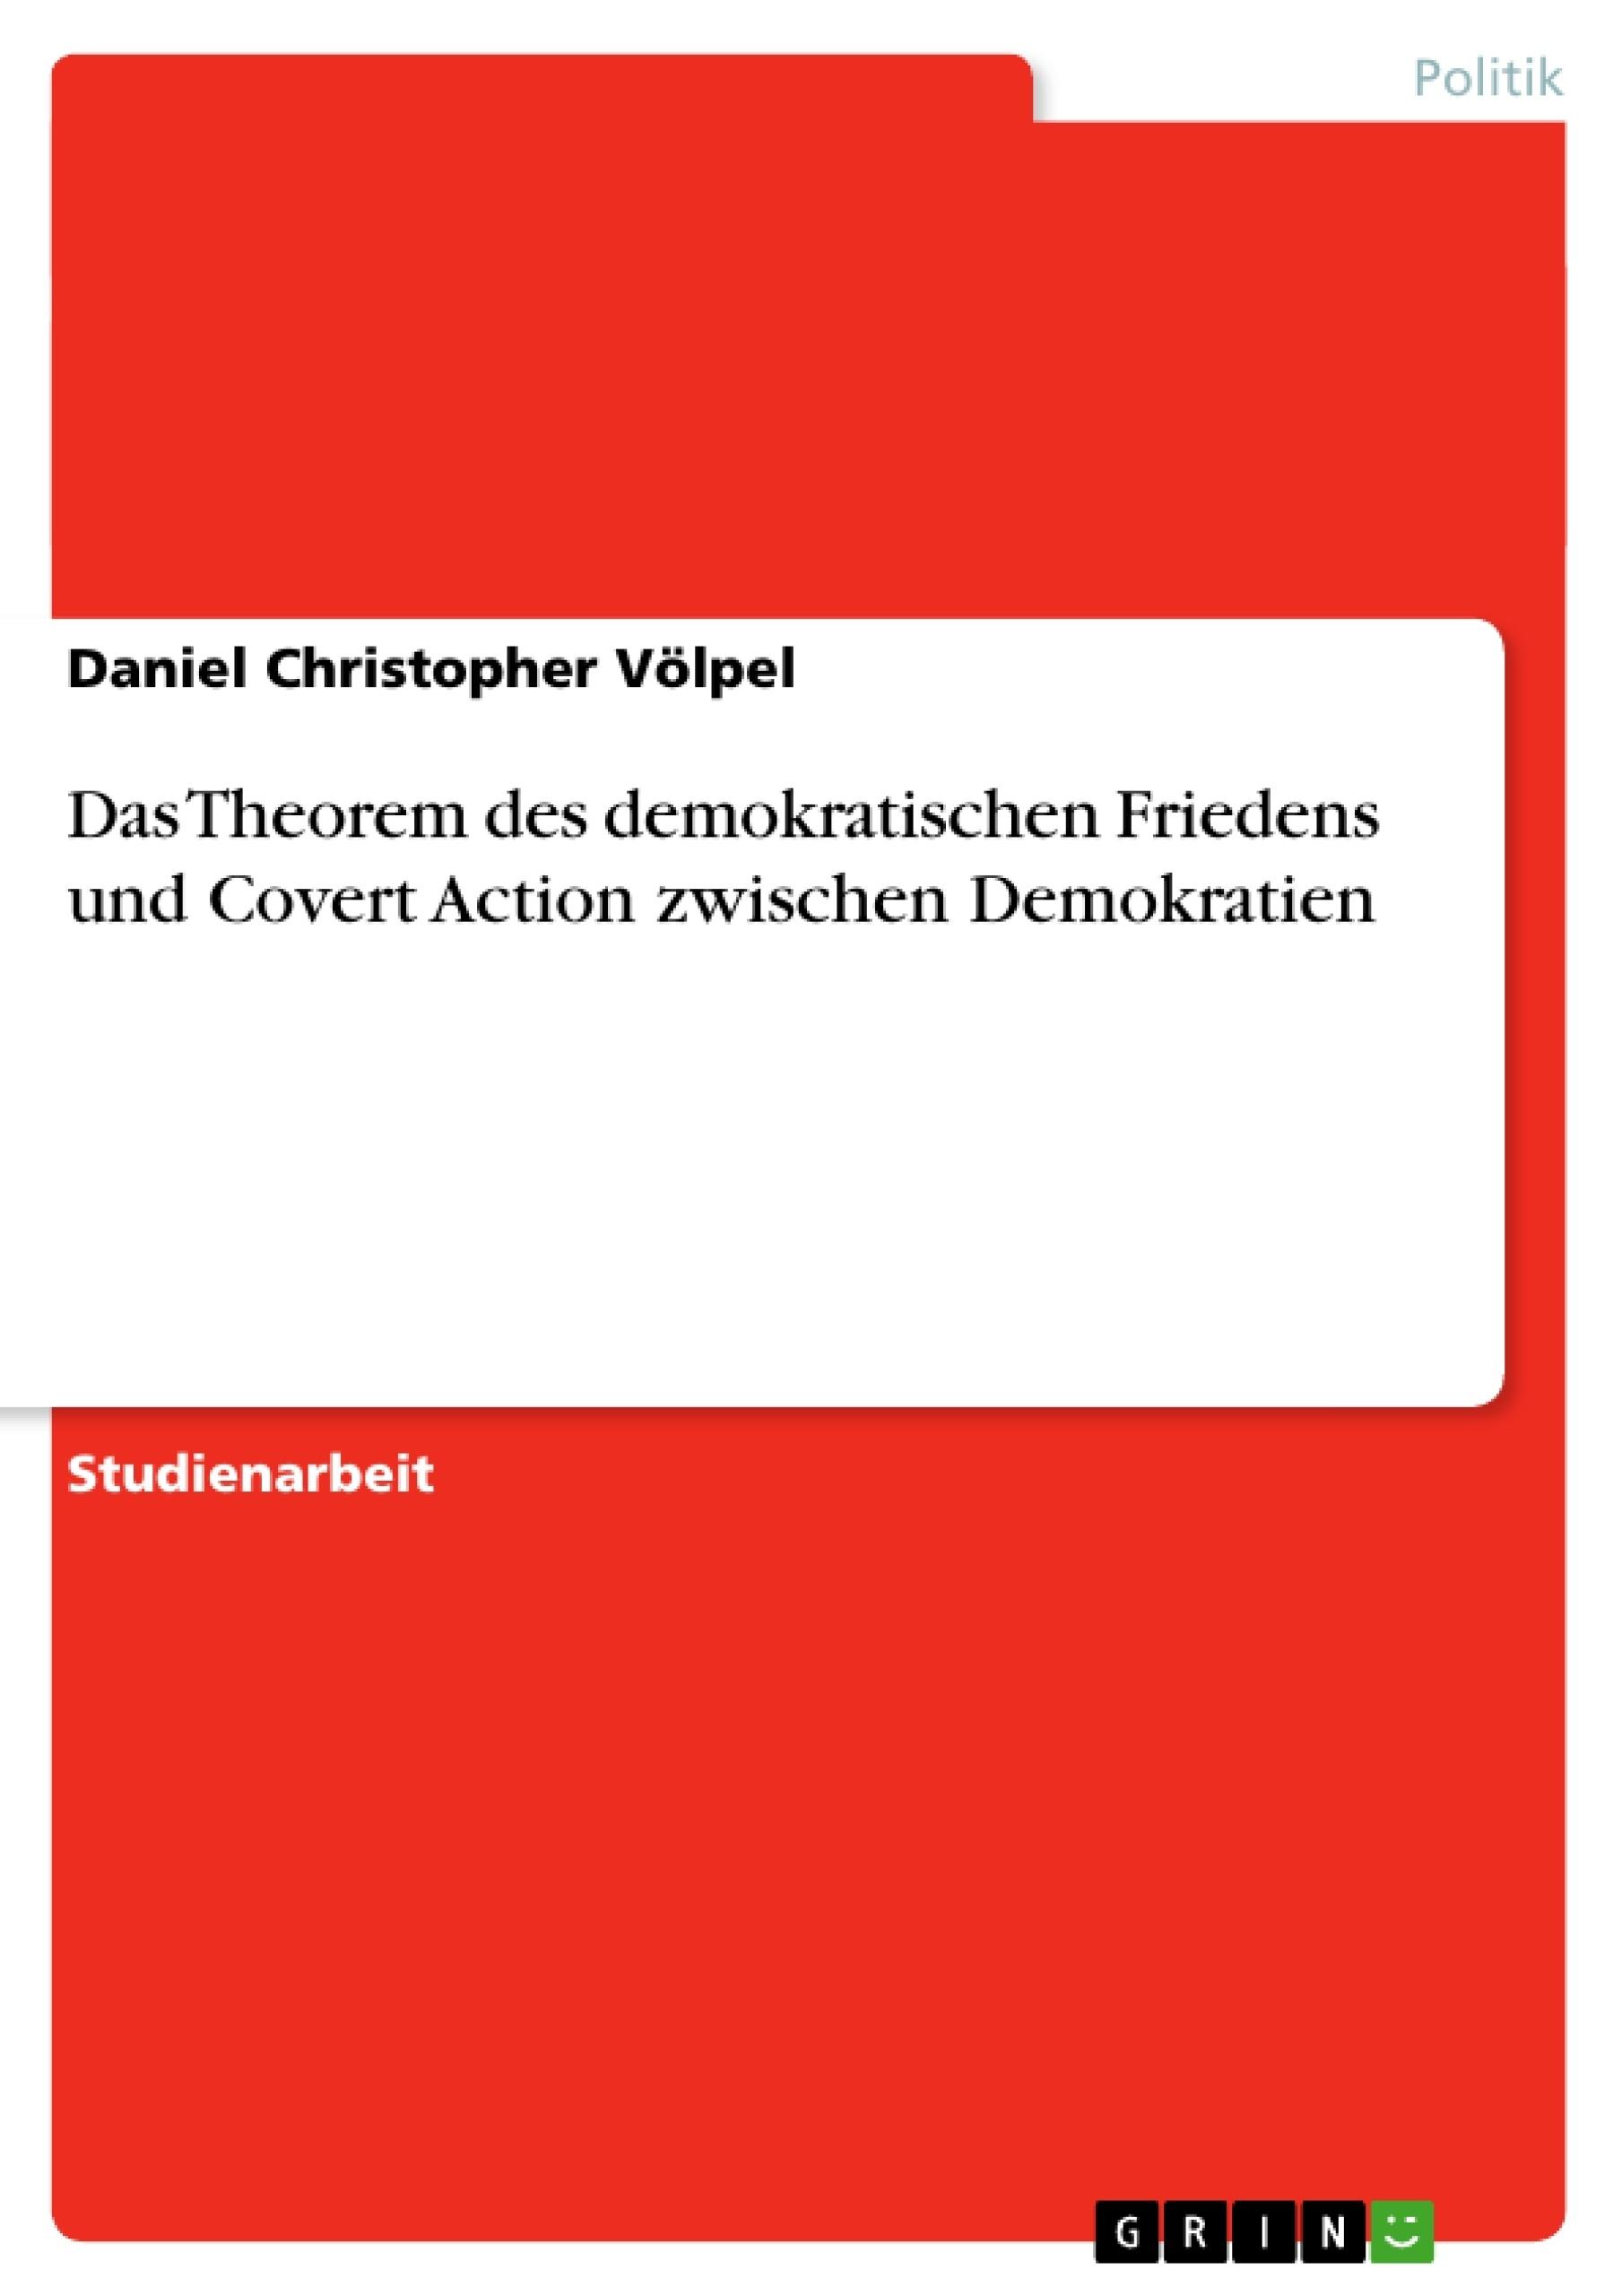 Titel: Das Theorem des demokratischen Friedens und Covert Action zwischen Demokratien